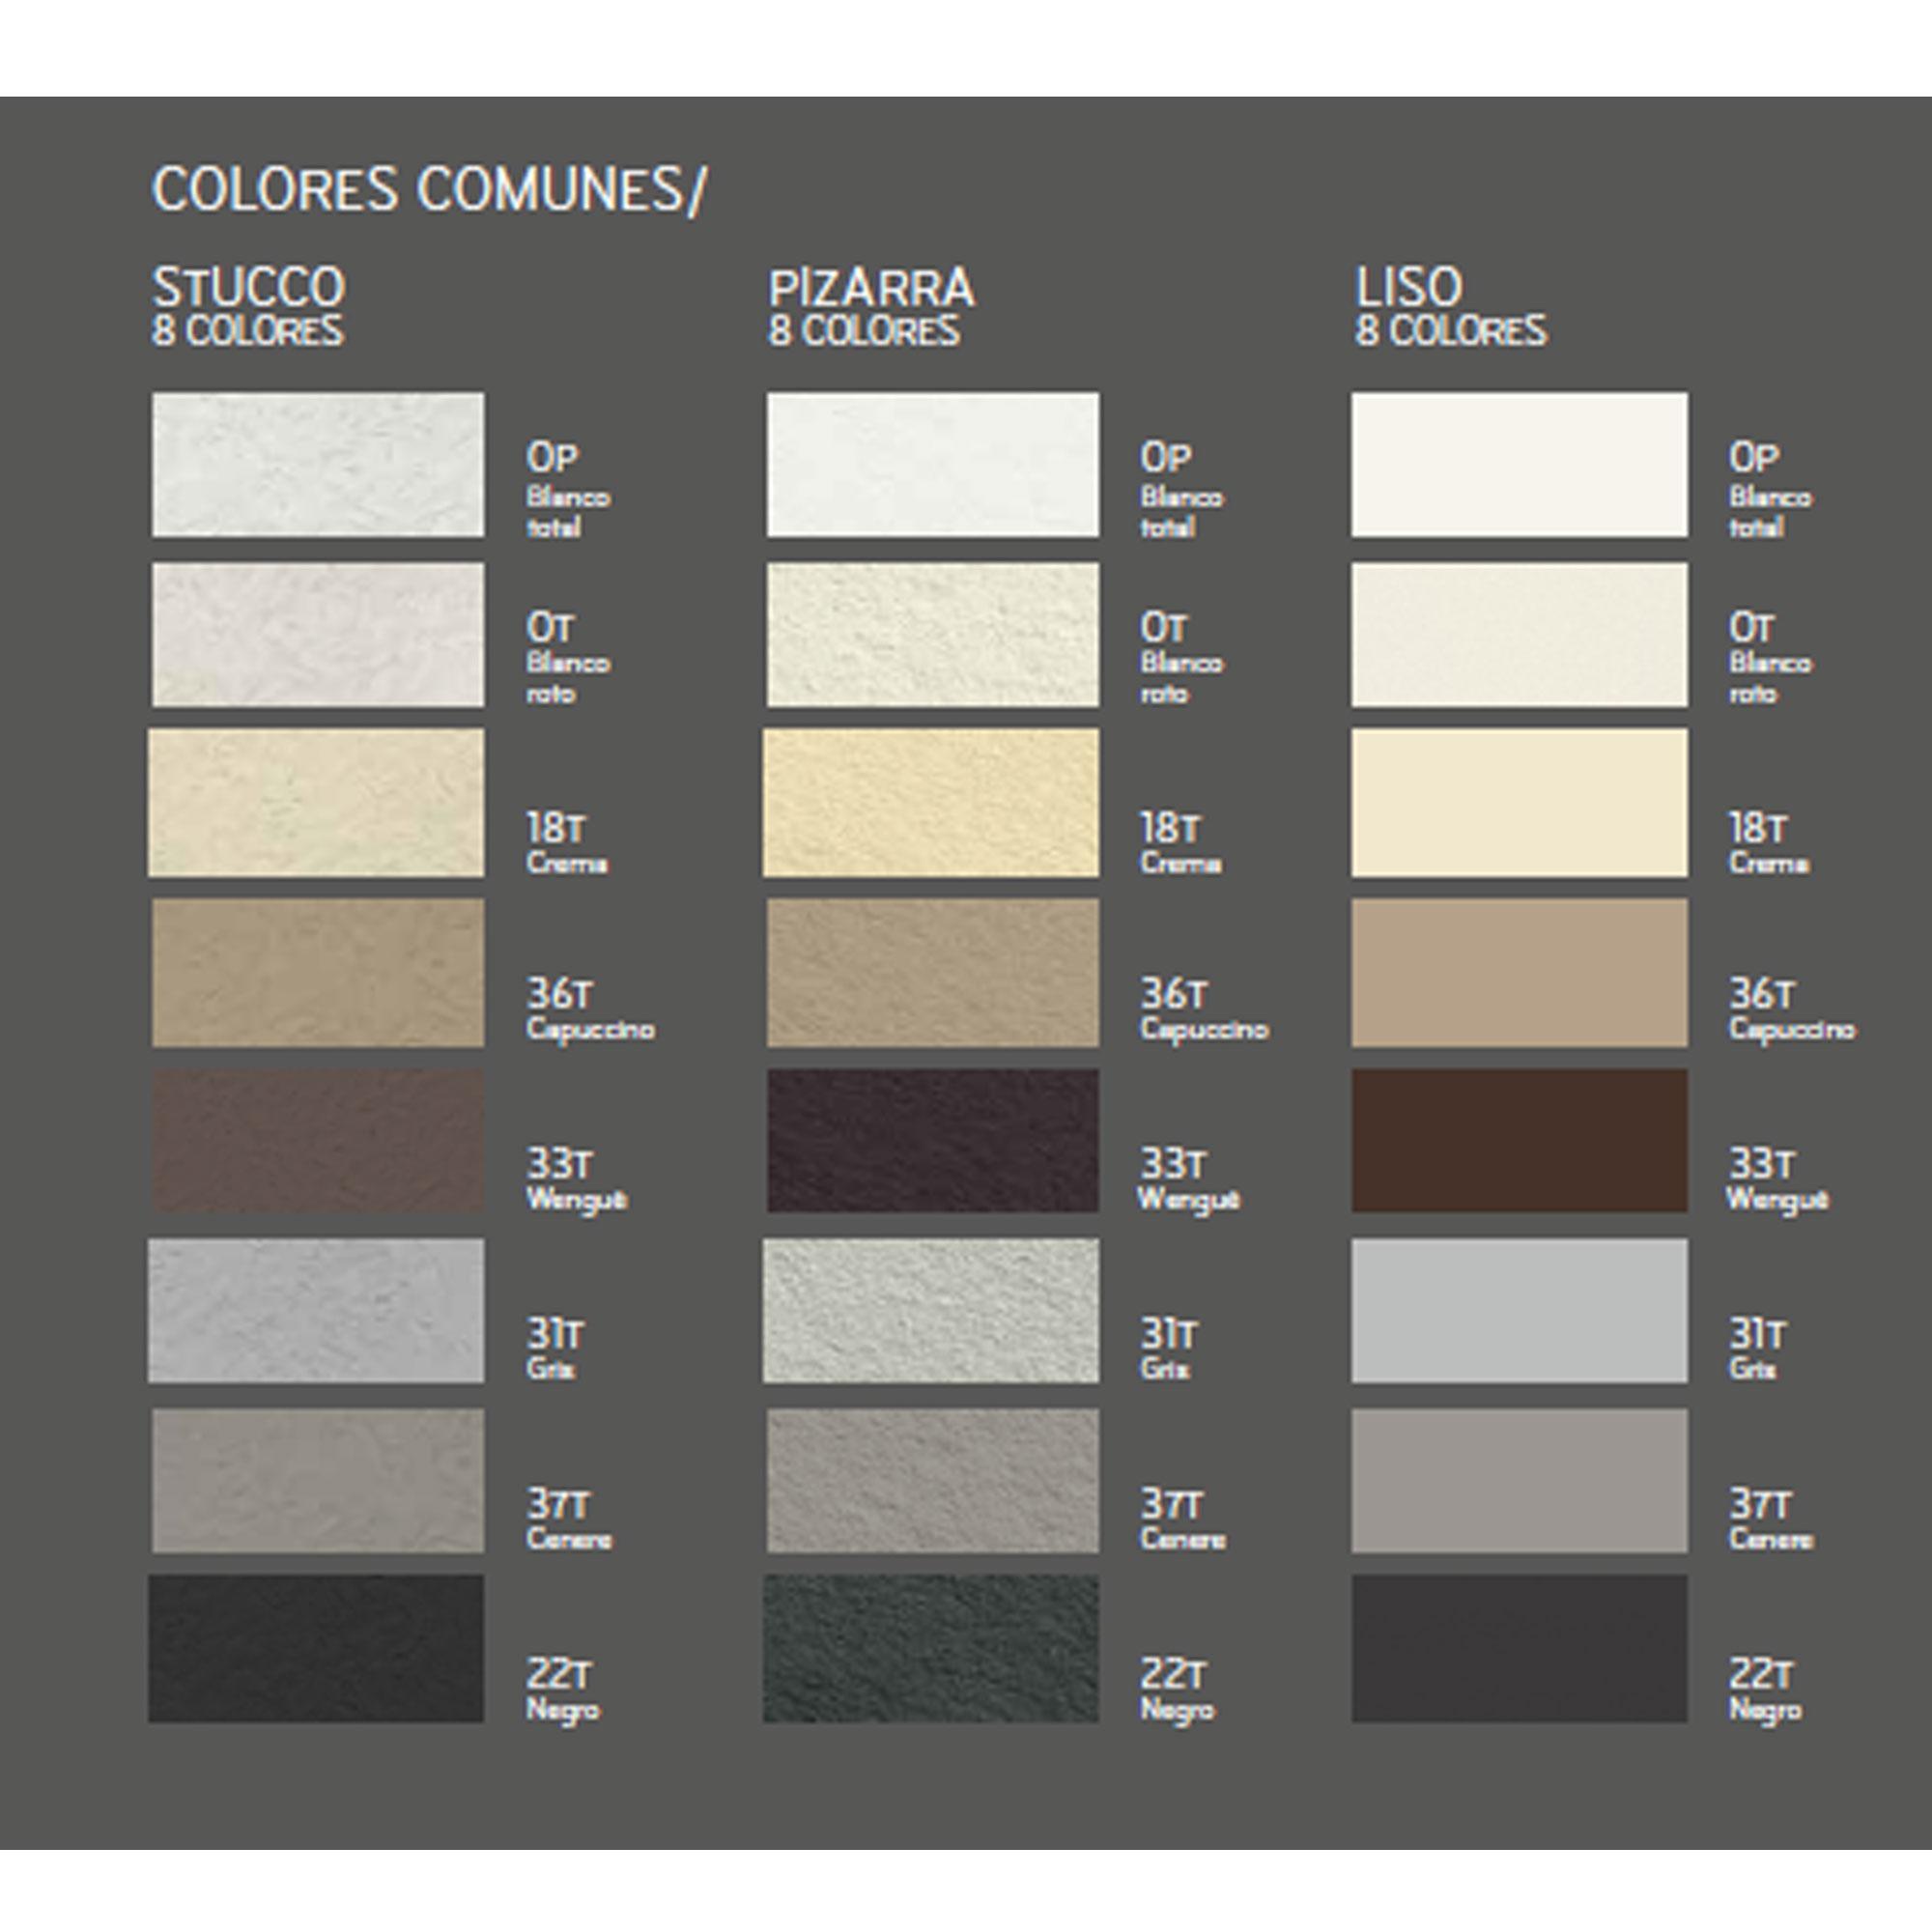 colores-comunes